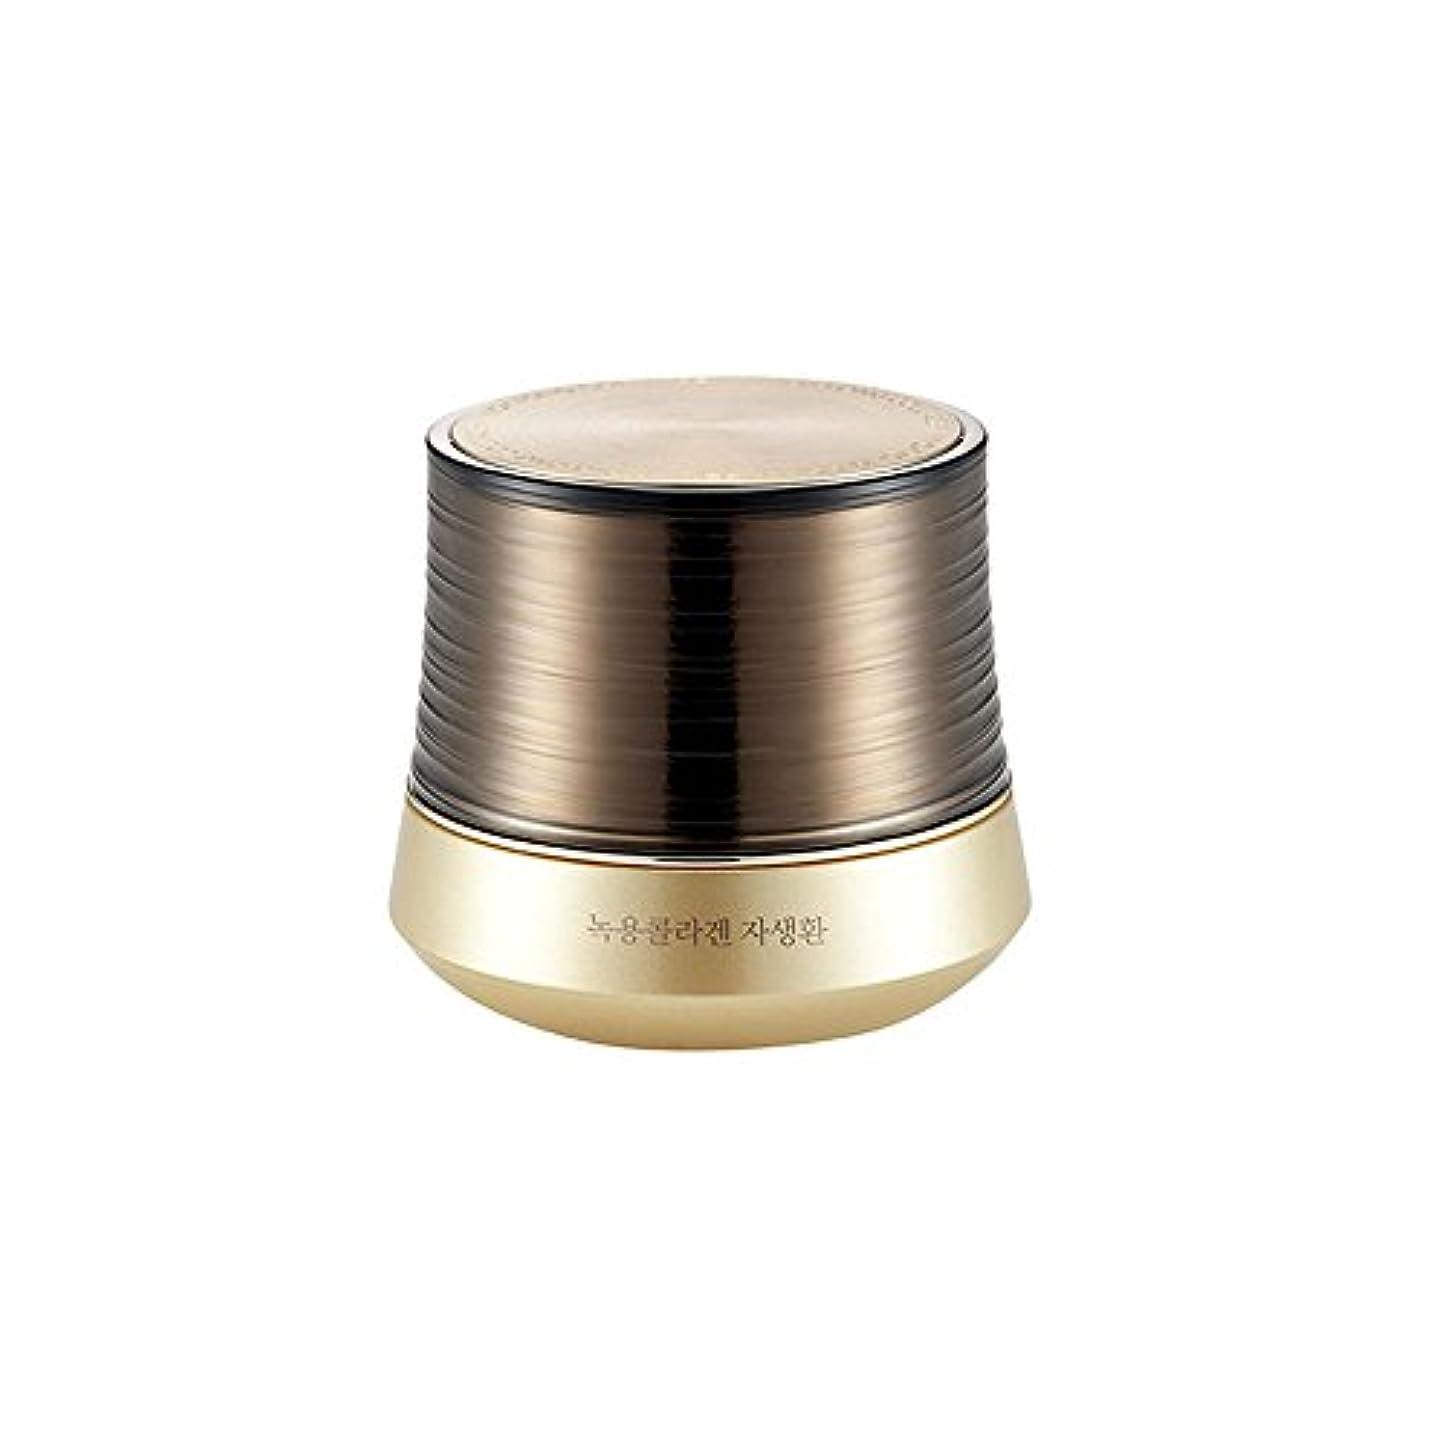 [ザ?フェイスショップ] The Faceshop 鹿茸コラーゲンコントゥールリフトゴールドカプセルクリーム50g The Faceshop Nokyong Collagen Contour Lift Gold Capsule...